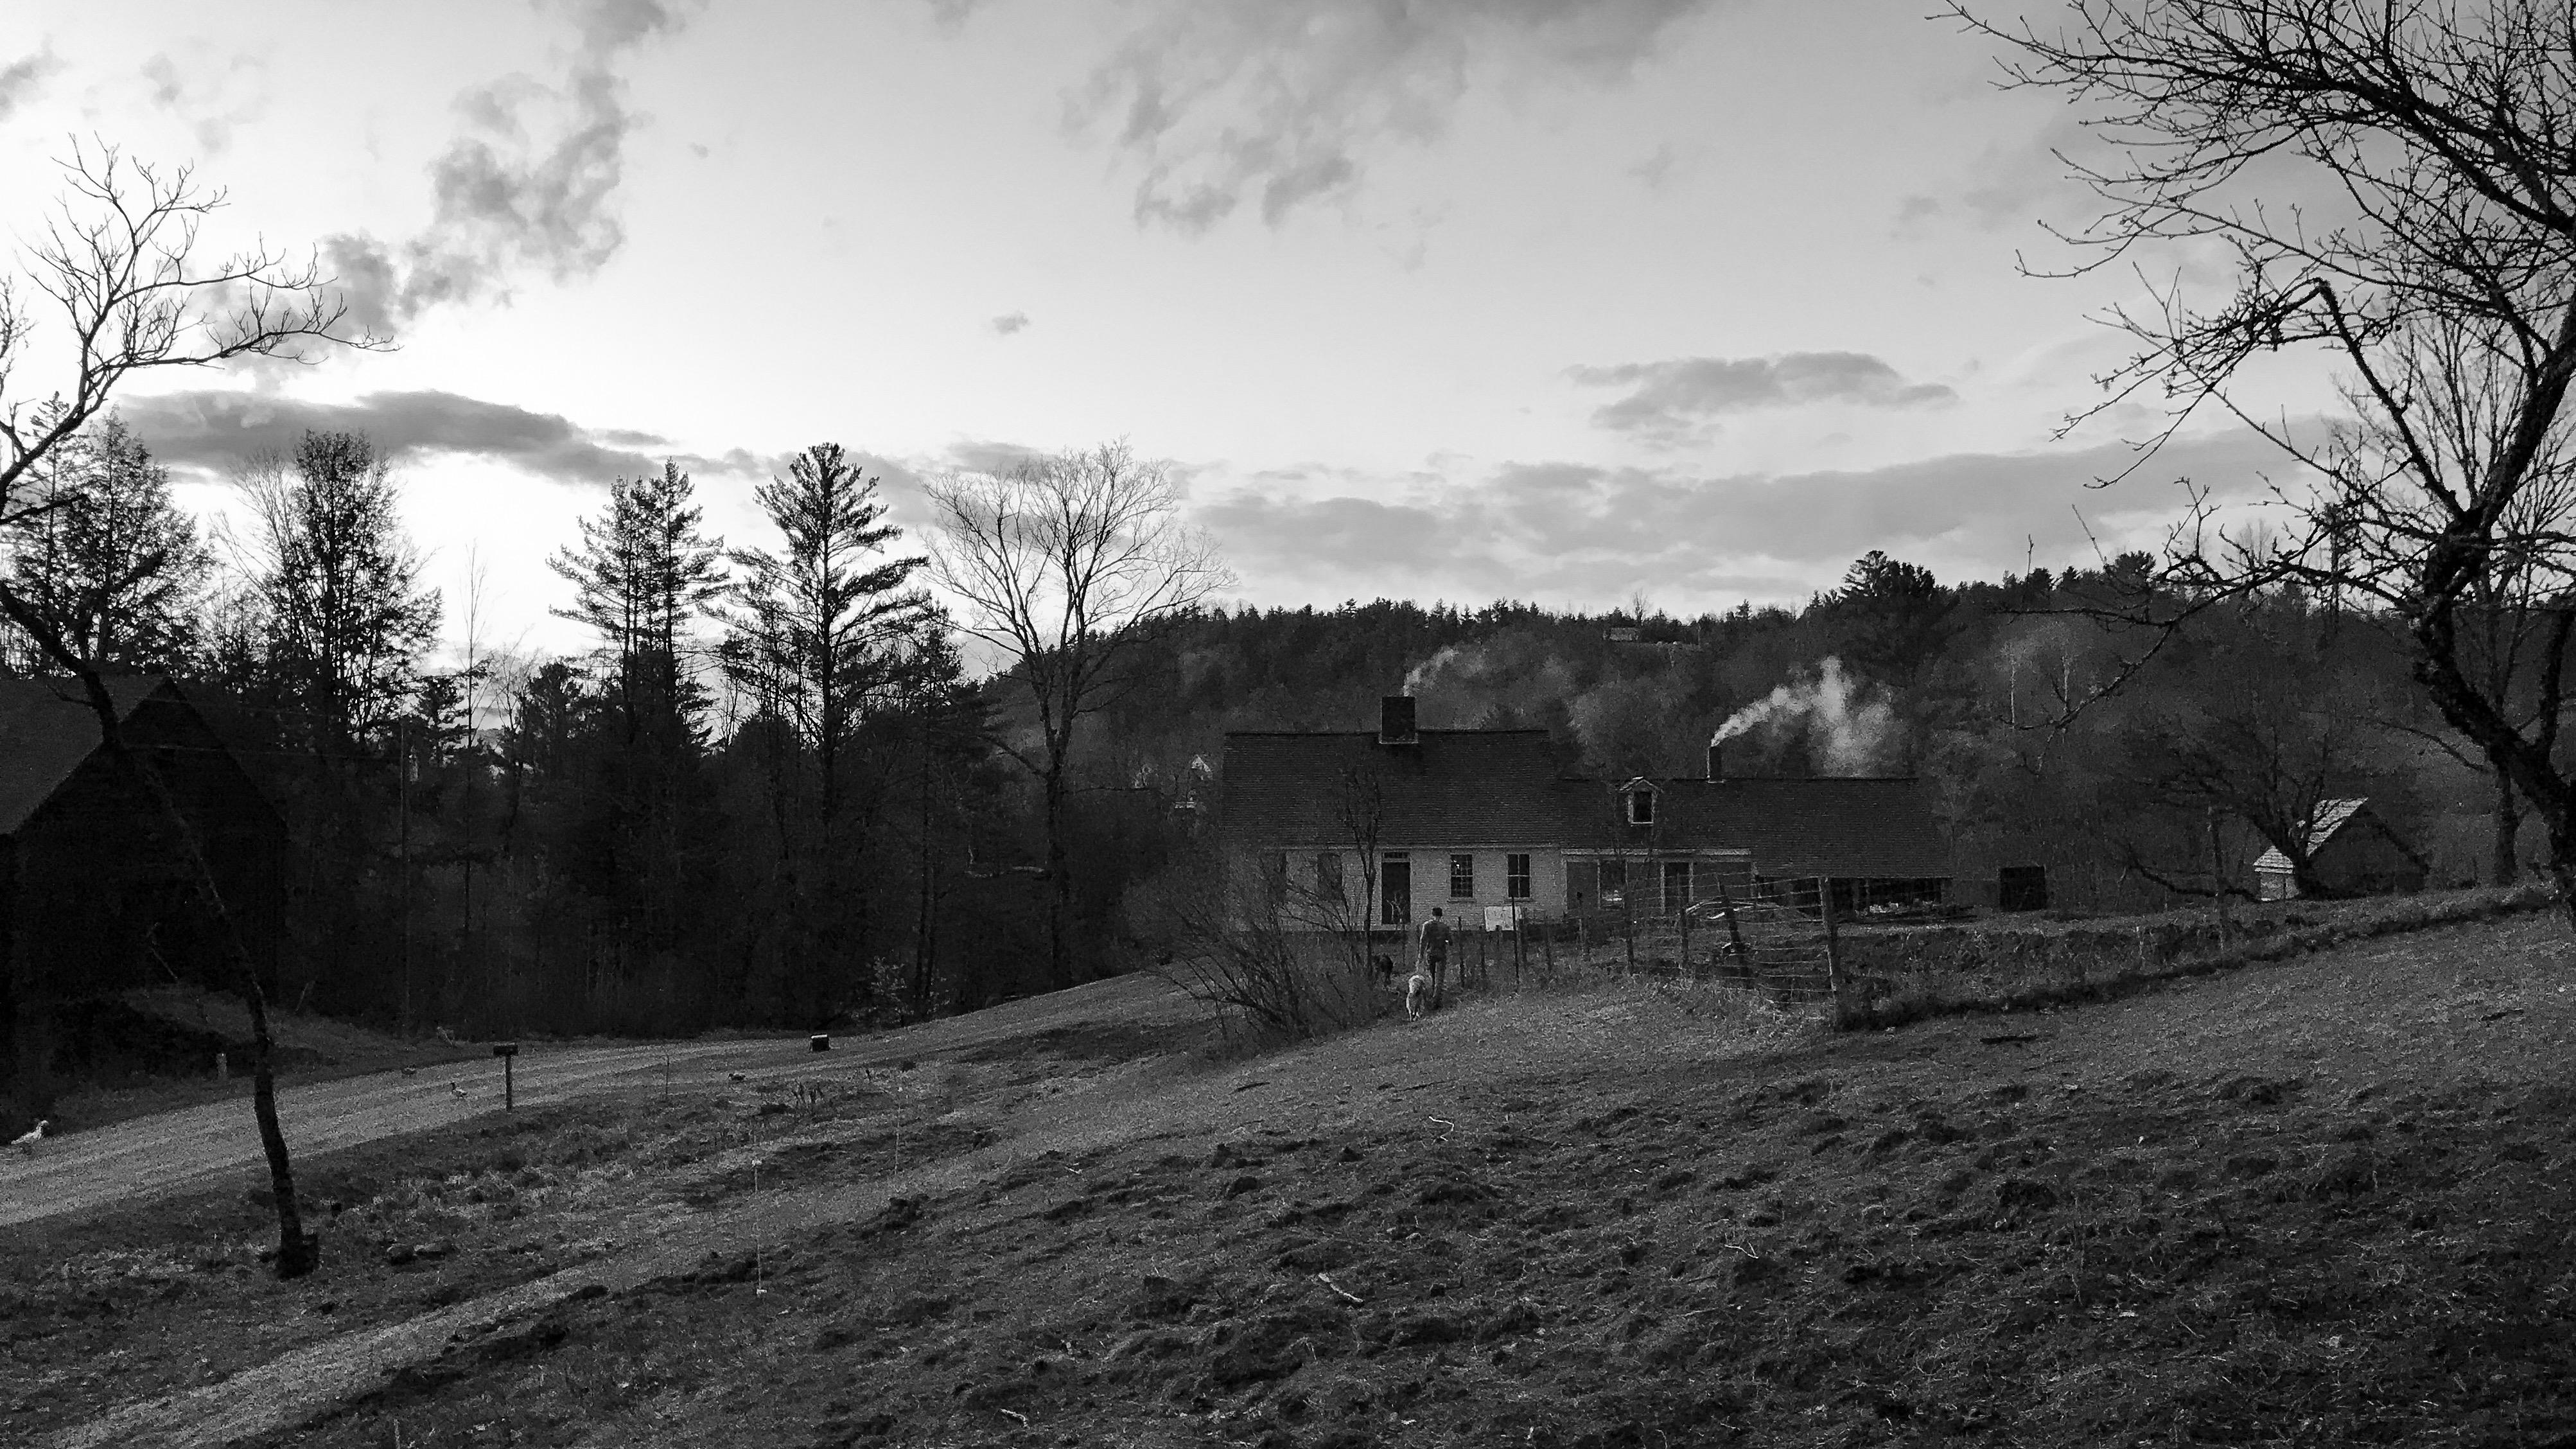 Burroughs Farm